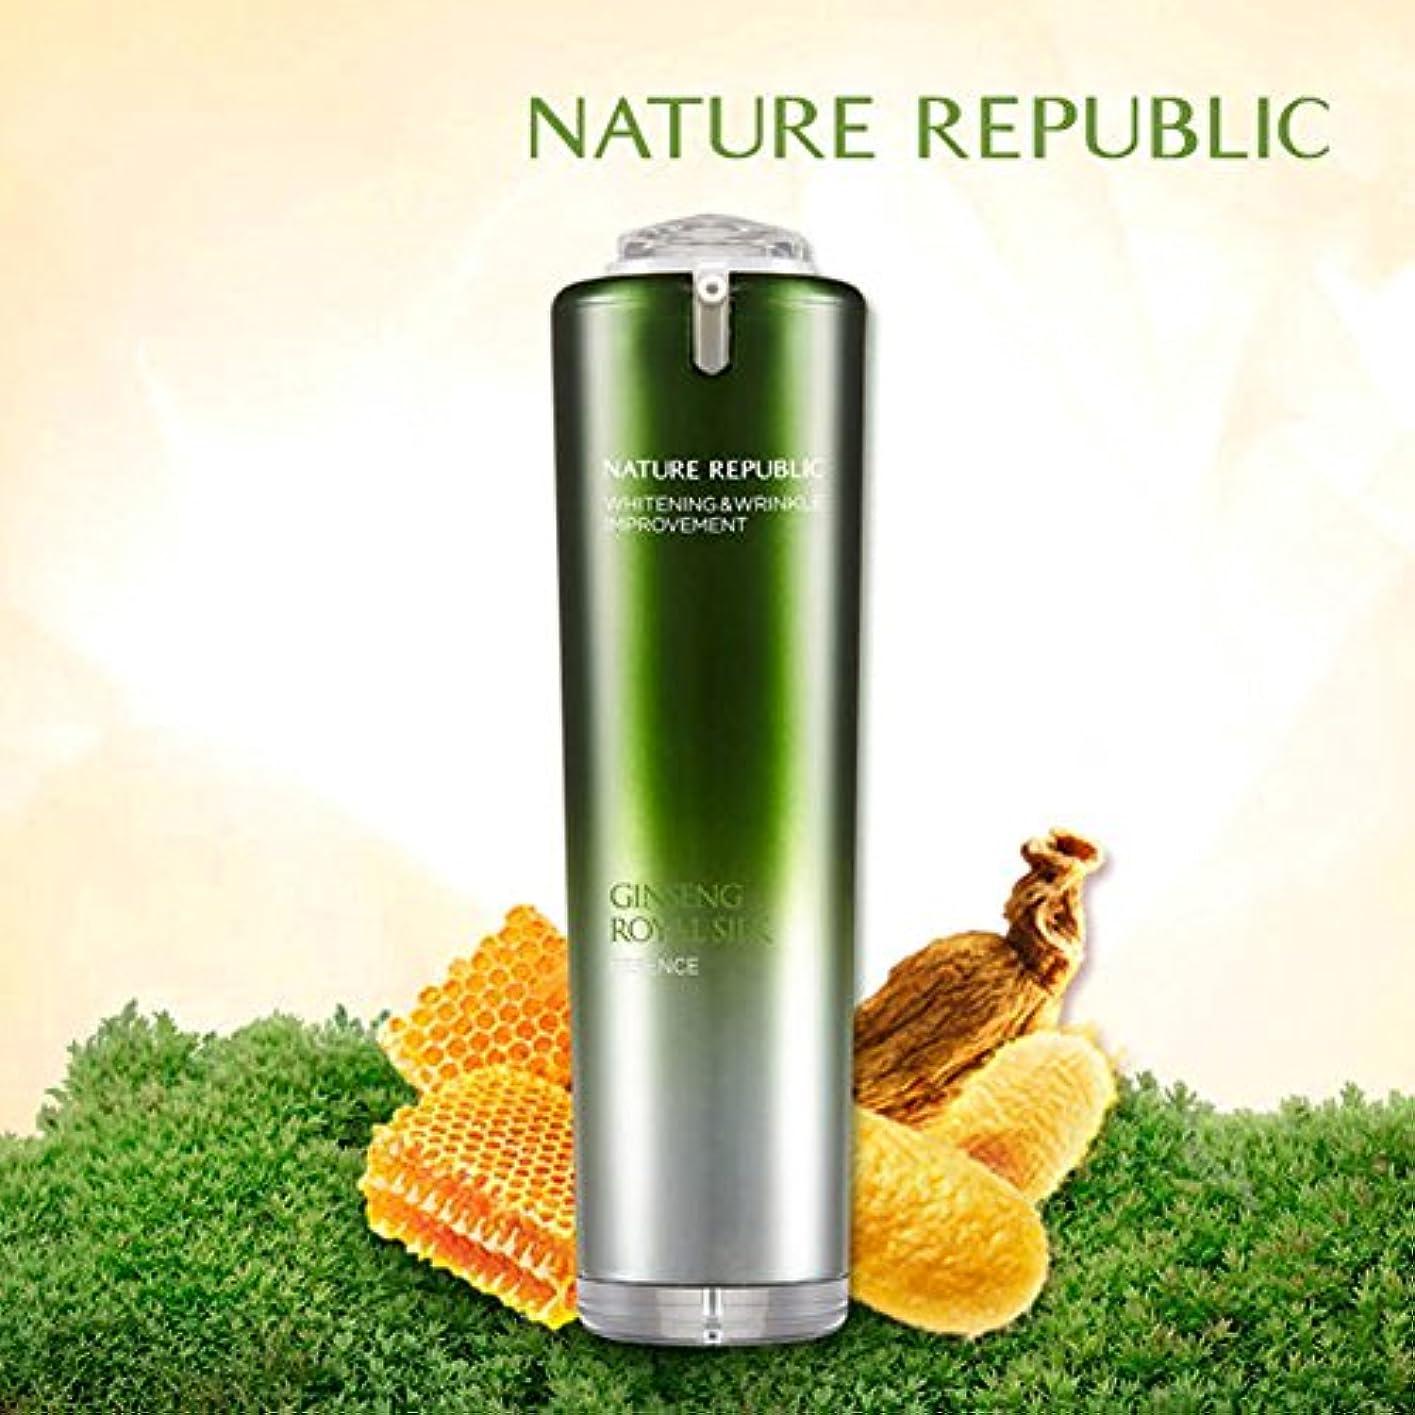 原始的なミンチ昼間NATURE REPUBLIC/人参ロイヤルシルクウォーターリーエッセンスNature Republic、Ginseng Royal silk Watery Essence 40ml(海外直送品)